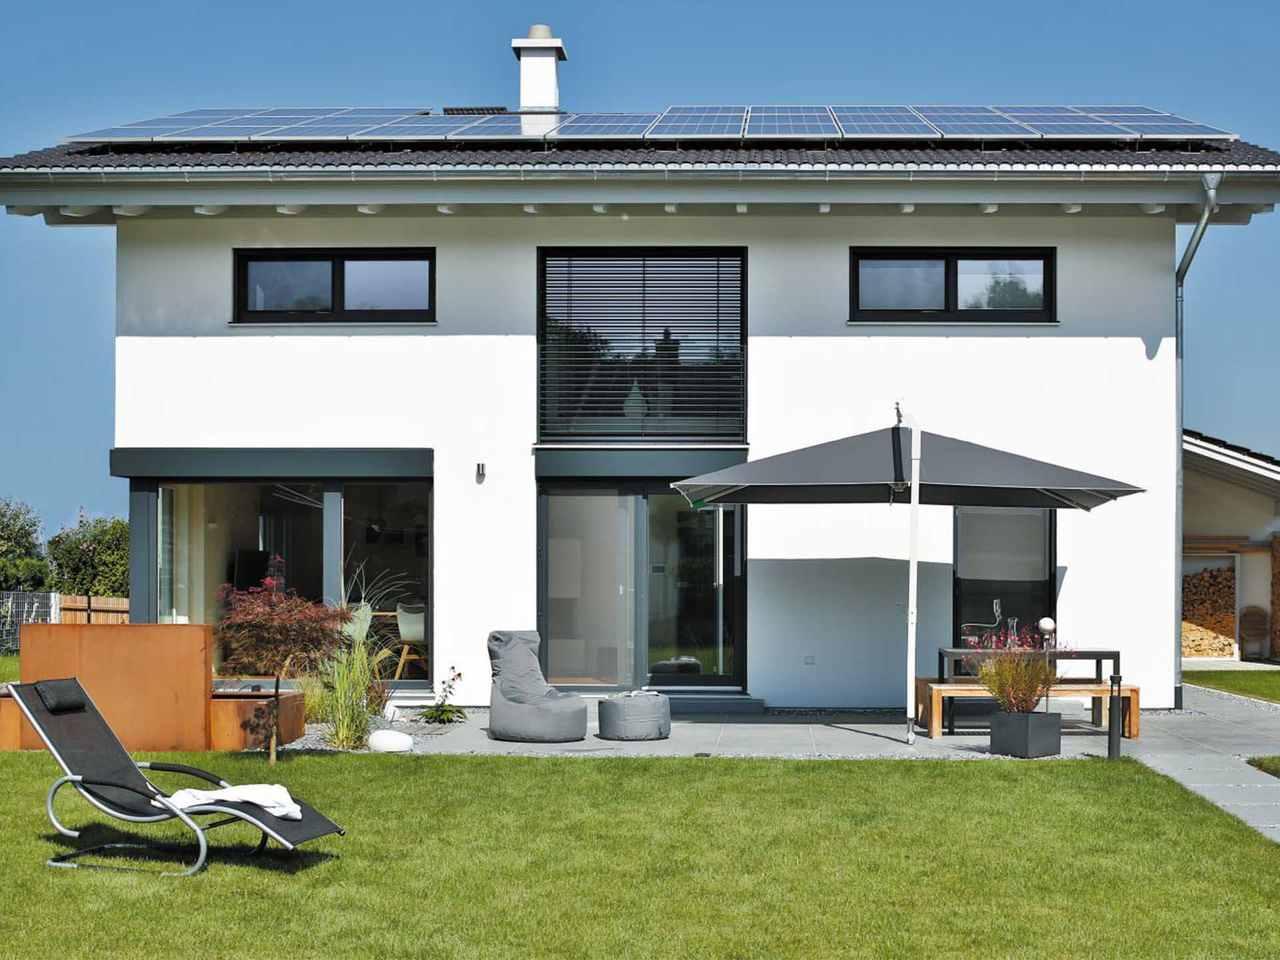 Einfamilienhaus Bruckmühl Garten am Tag